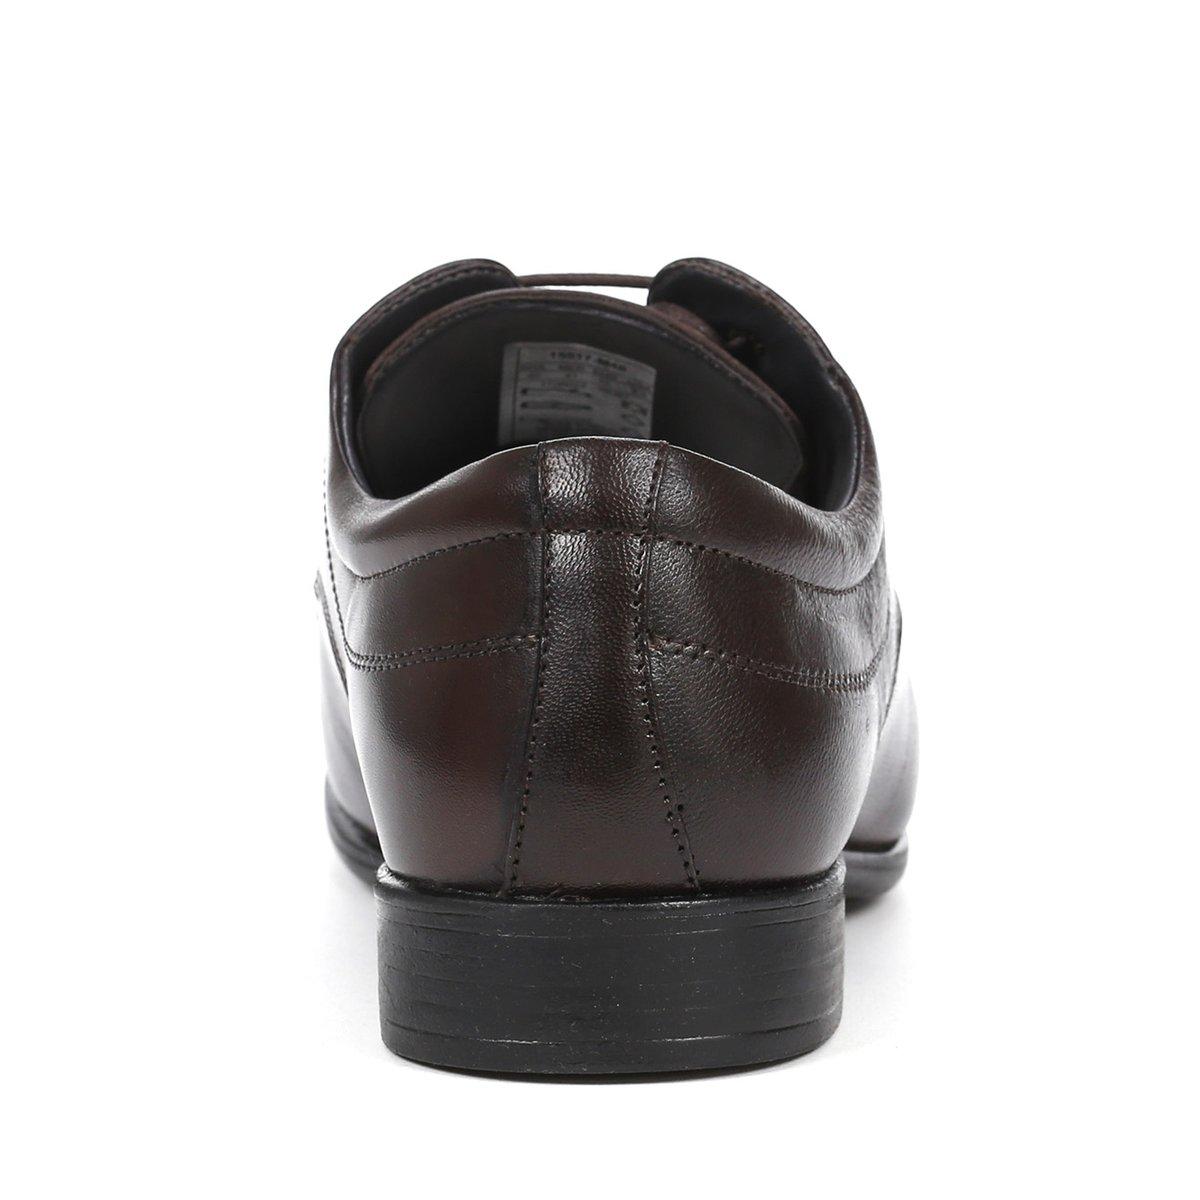 Marrom Sapato Sapato Masculino Casual Masculino Casual Marrom Sapato Masculino Casual Marrom YqE5wat